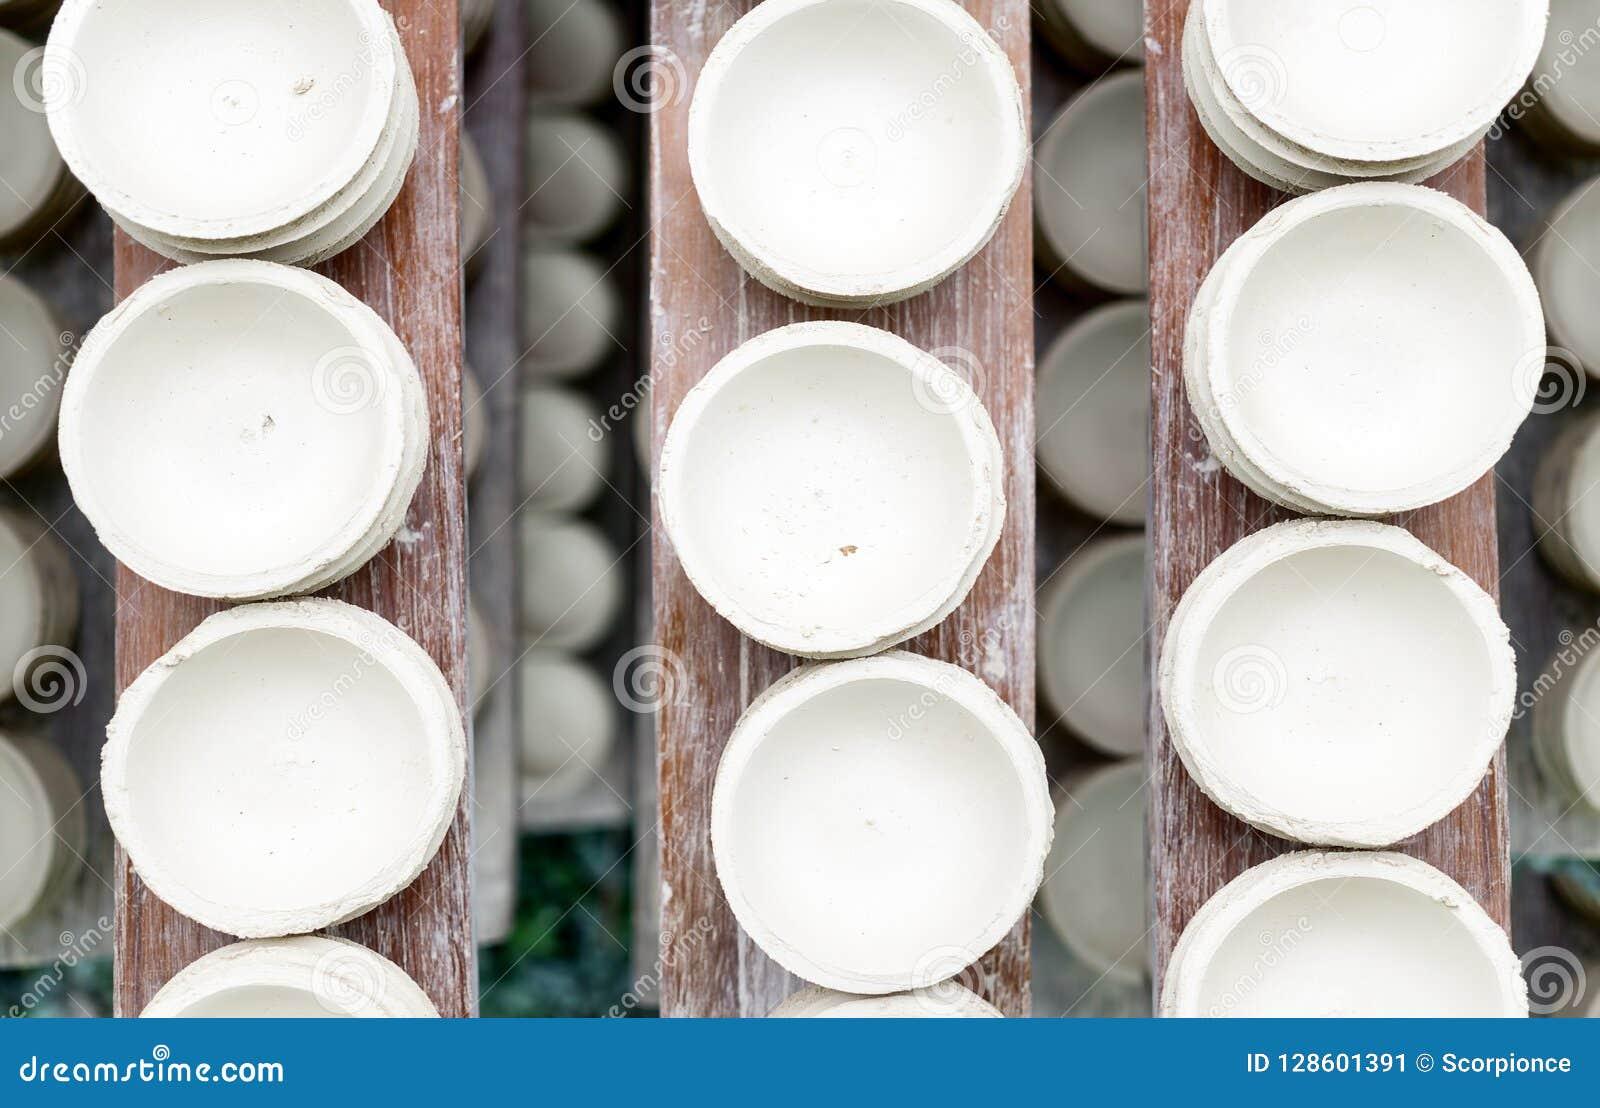 Les pots d argile blancs faits main sèchent sur les planches en bois Vue supérieure Atelier, usine